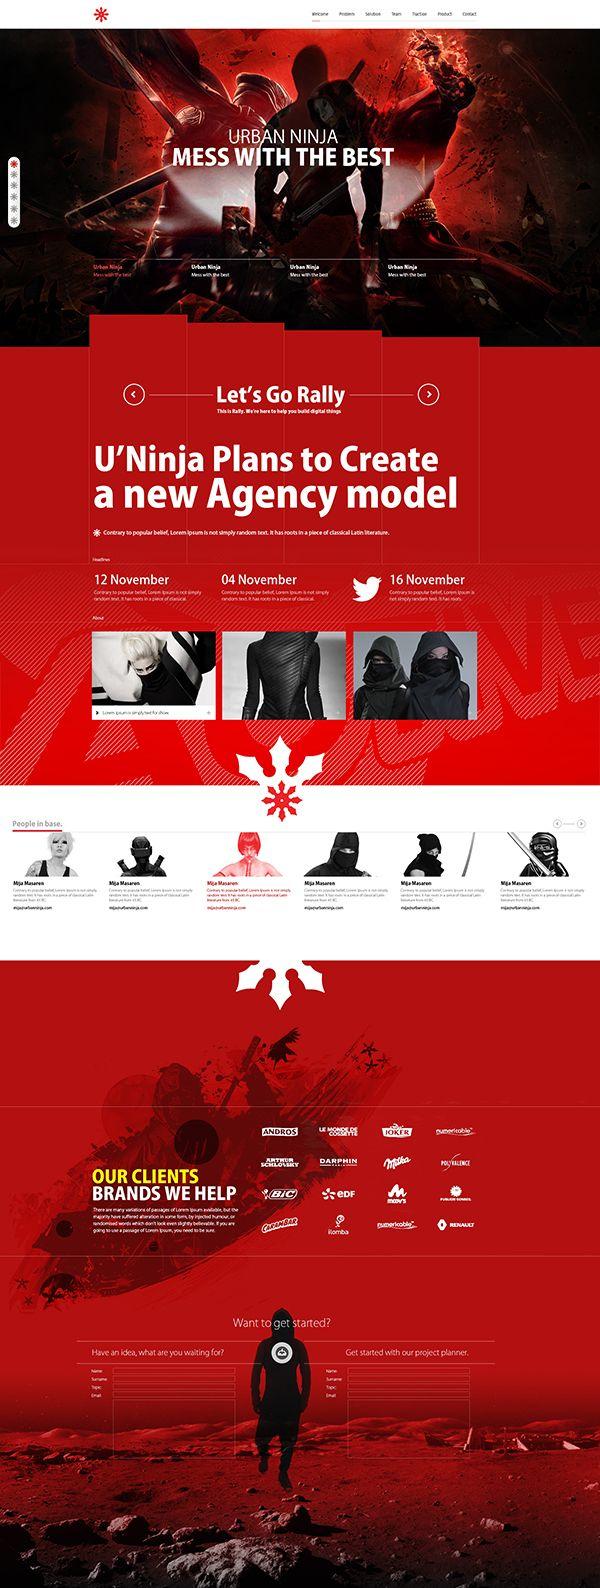 Urban Ninja by Marek Dąbrowski, via Behance | #webdesign #it #web #design #layout #userinterface #website #webdesign < repinned by www.BlickeDeeler.de | Take a look at www.WebsiteDesign-Hamburg.de